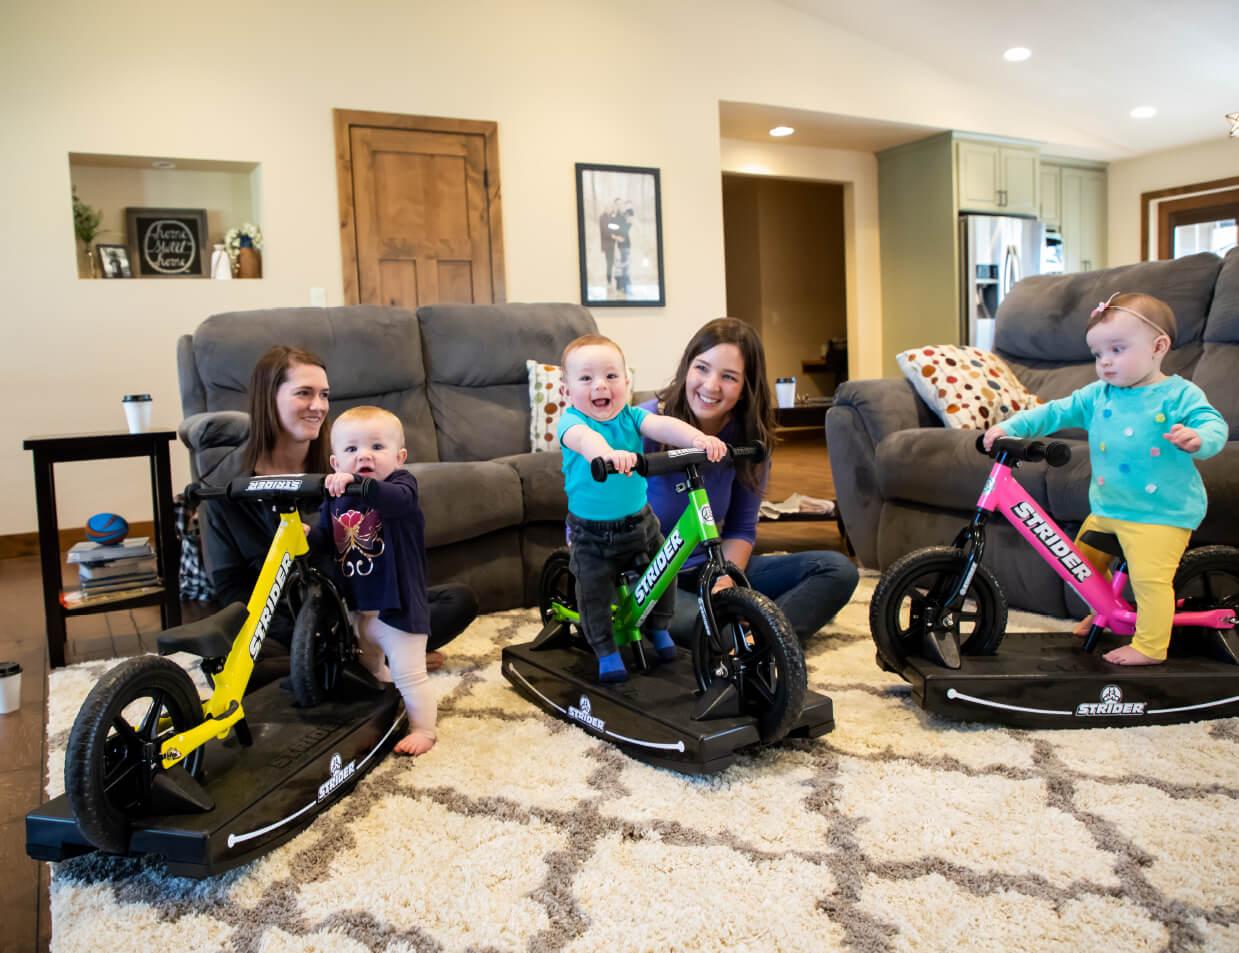 strider bike finder baby bundle